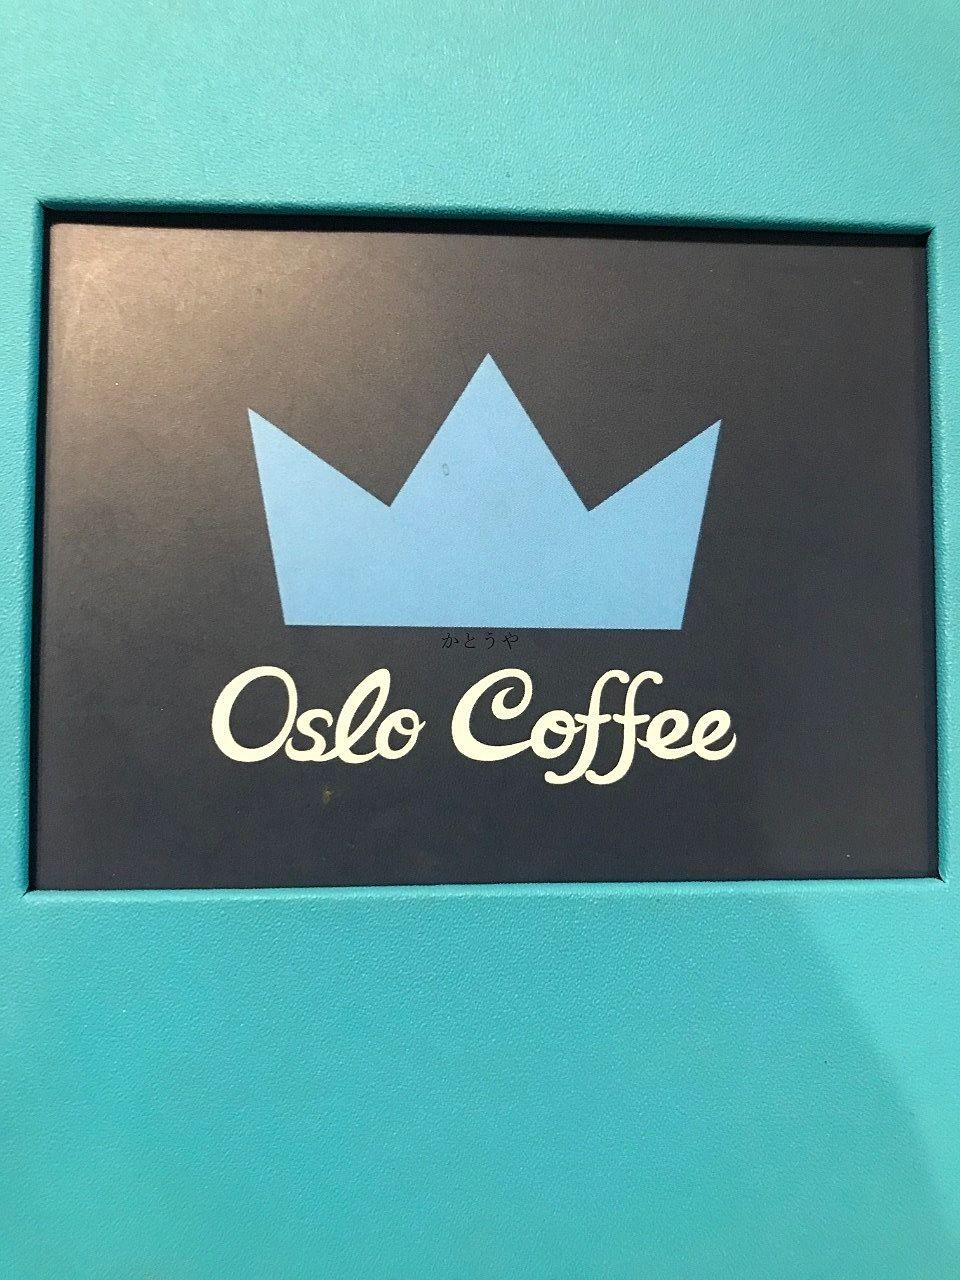 私は良く銀座コア店へ行きます。コーヒーの美味しいオスロコーヒーさんです。